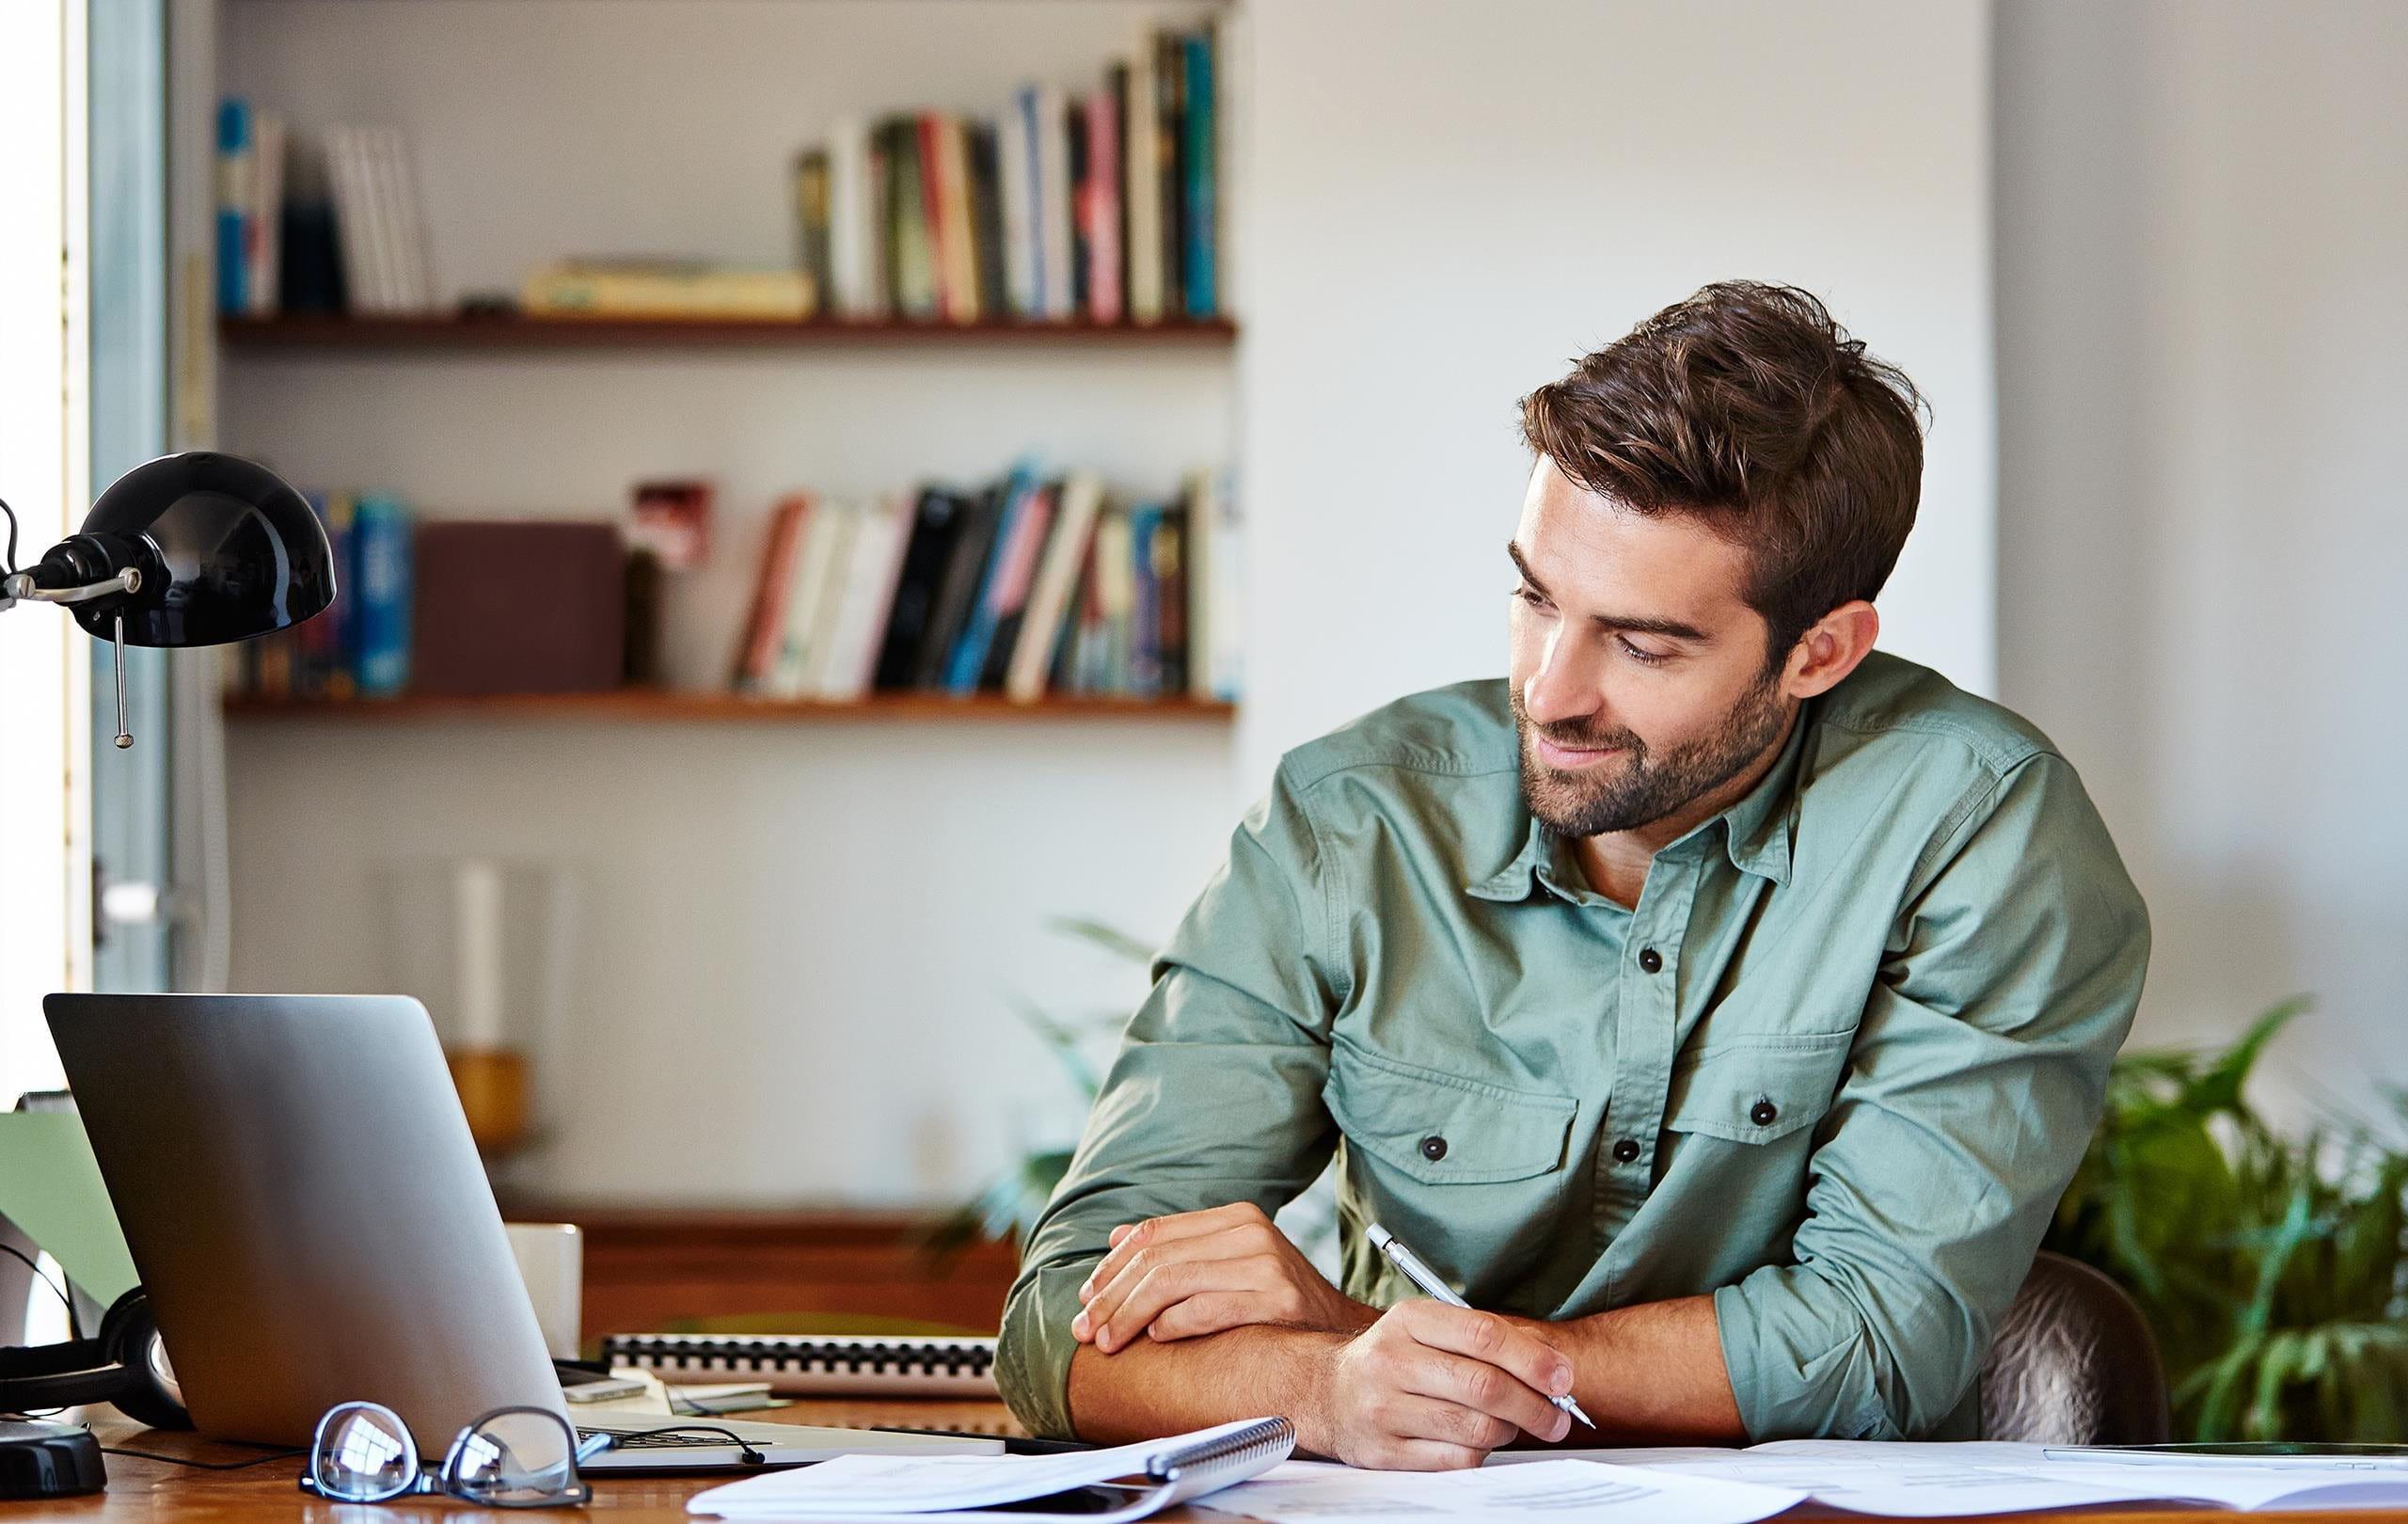 Mann sitzt am Schreibtisch